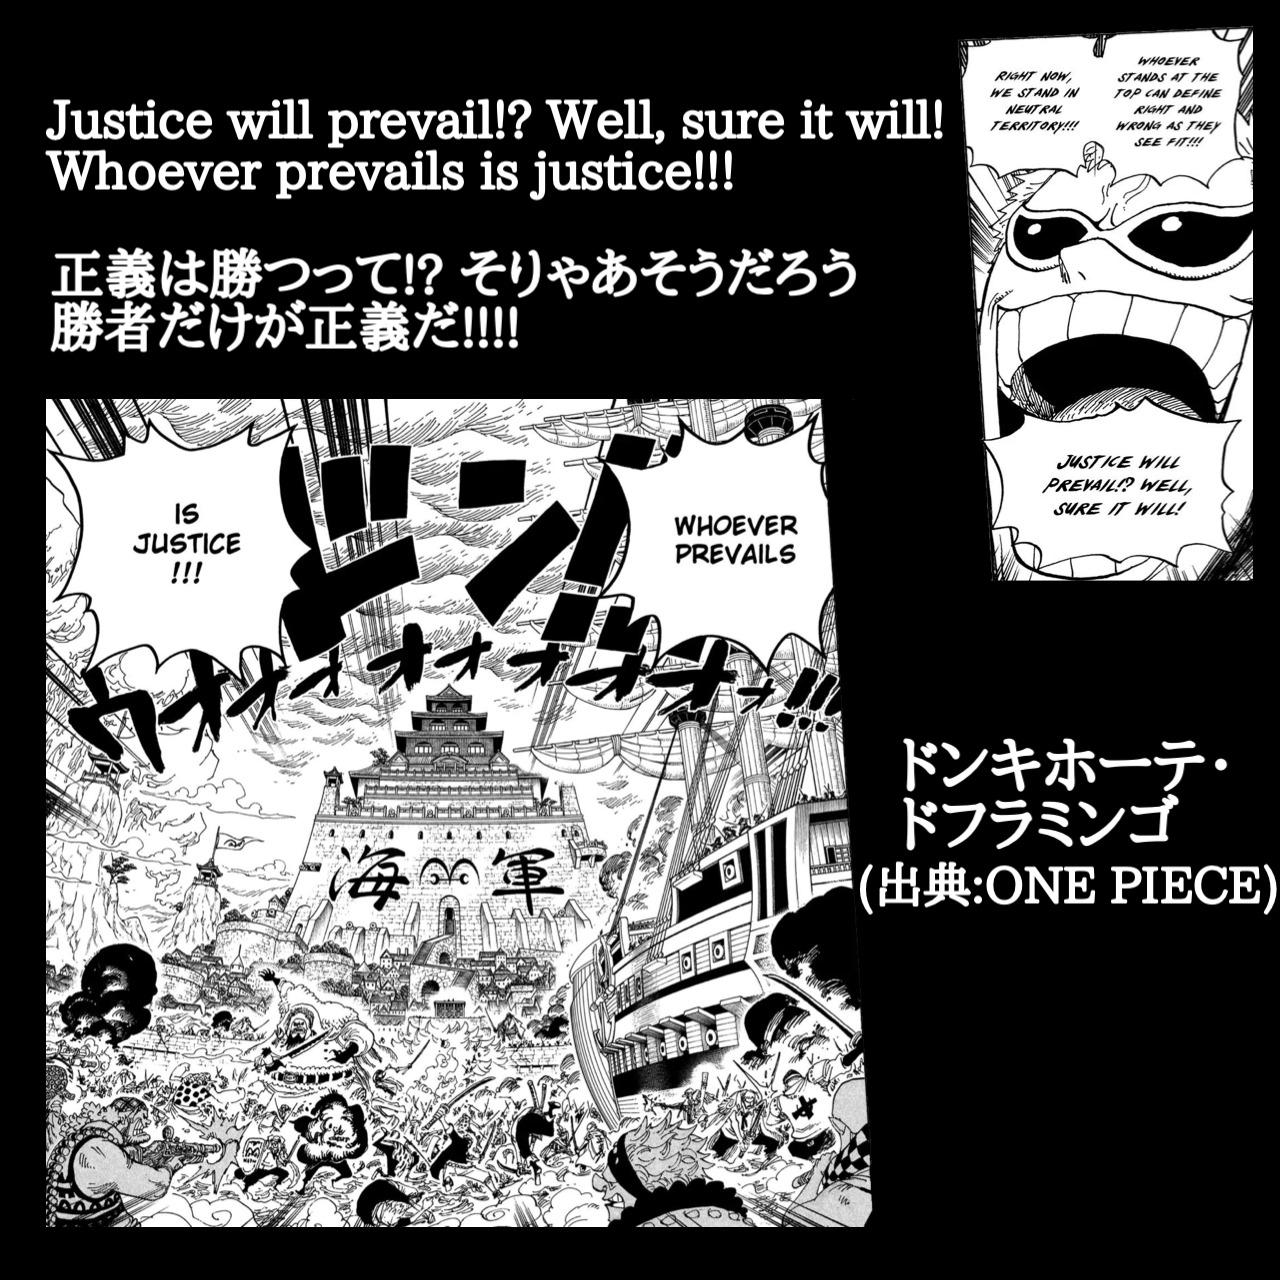 【英語でワンピース】正義は勝つって!? そりゃあそうだろう勝者だけが正義だ!!!! / ドンキホーテ・ドフラミンゴ(出典:ONE PIECE)